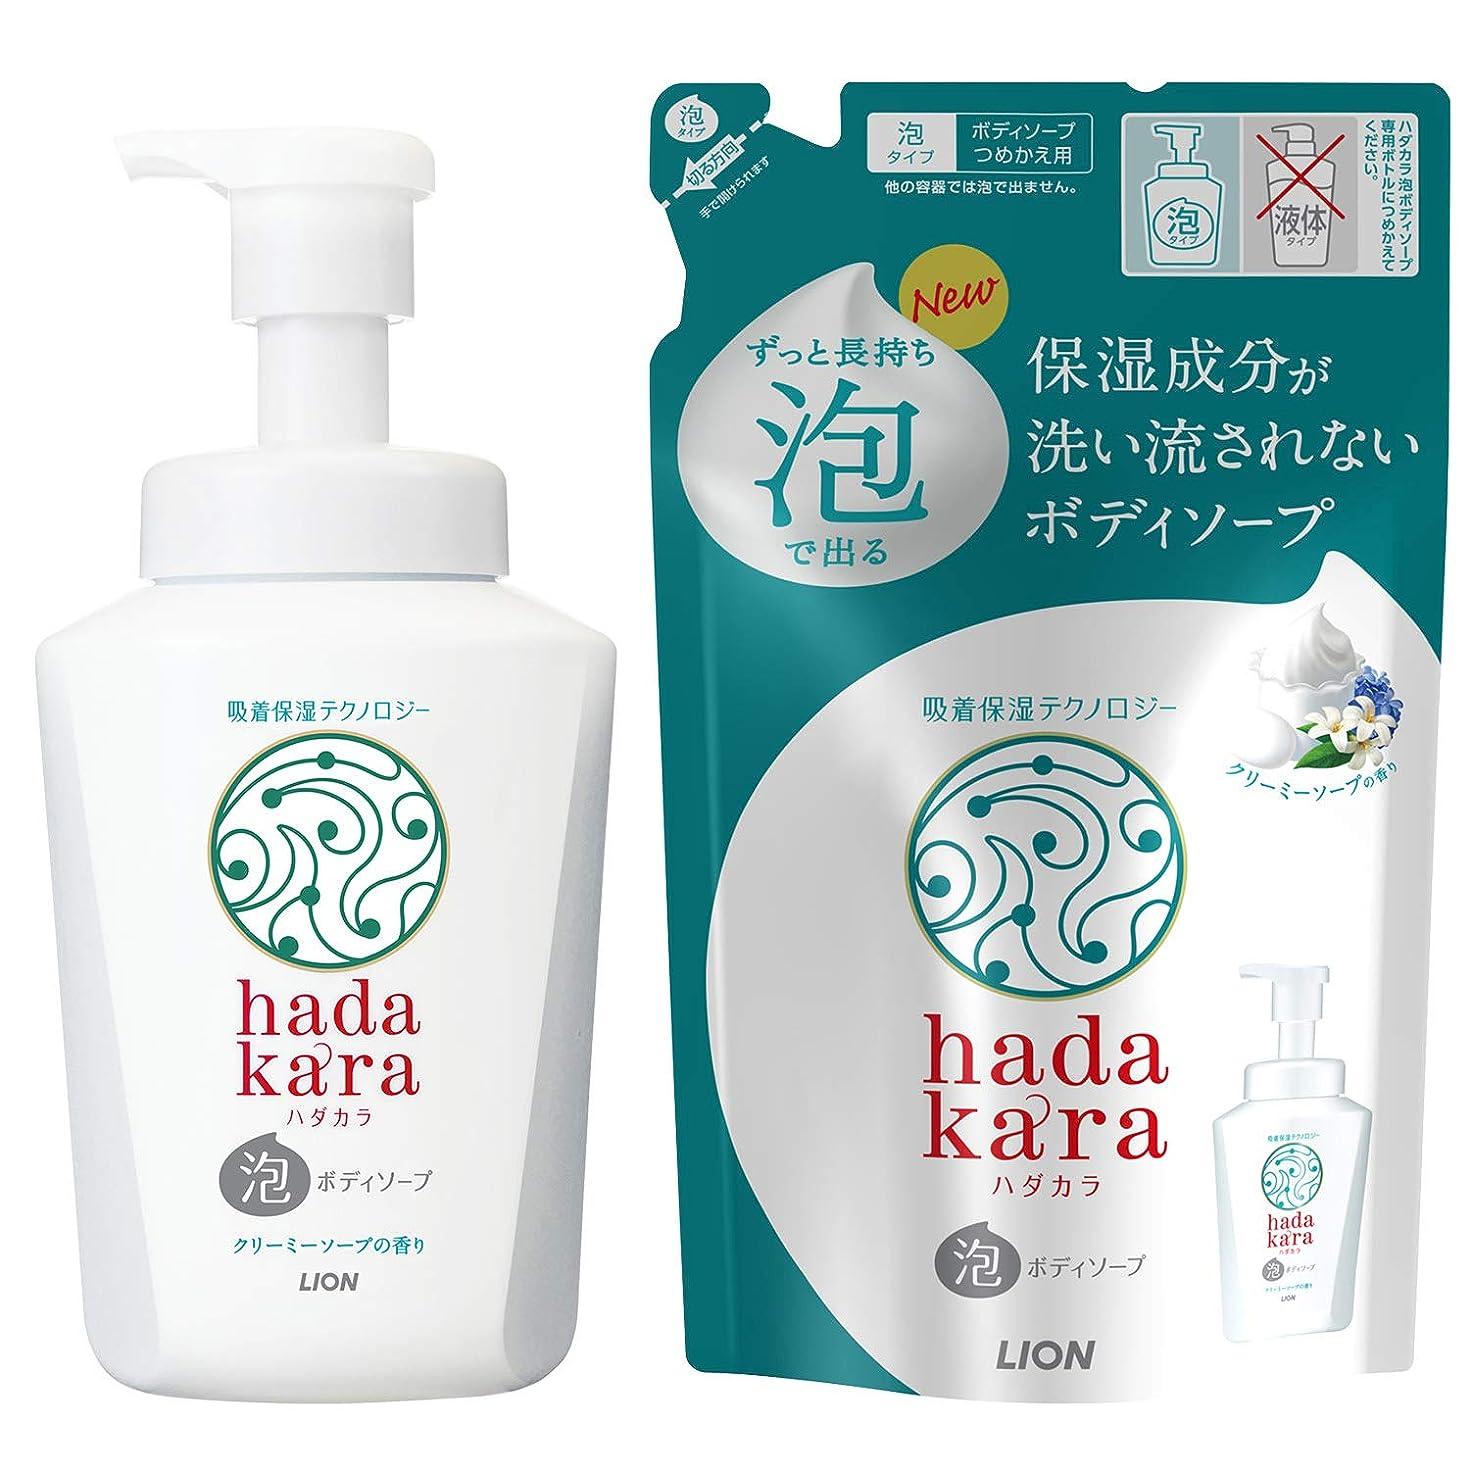 雑種民兵砂のhadakara(ハダカラ) ボディソープ 泡タイプ クリーミーソープの香り 本体550ml+詰替440ml